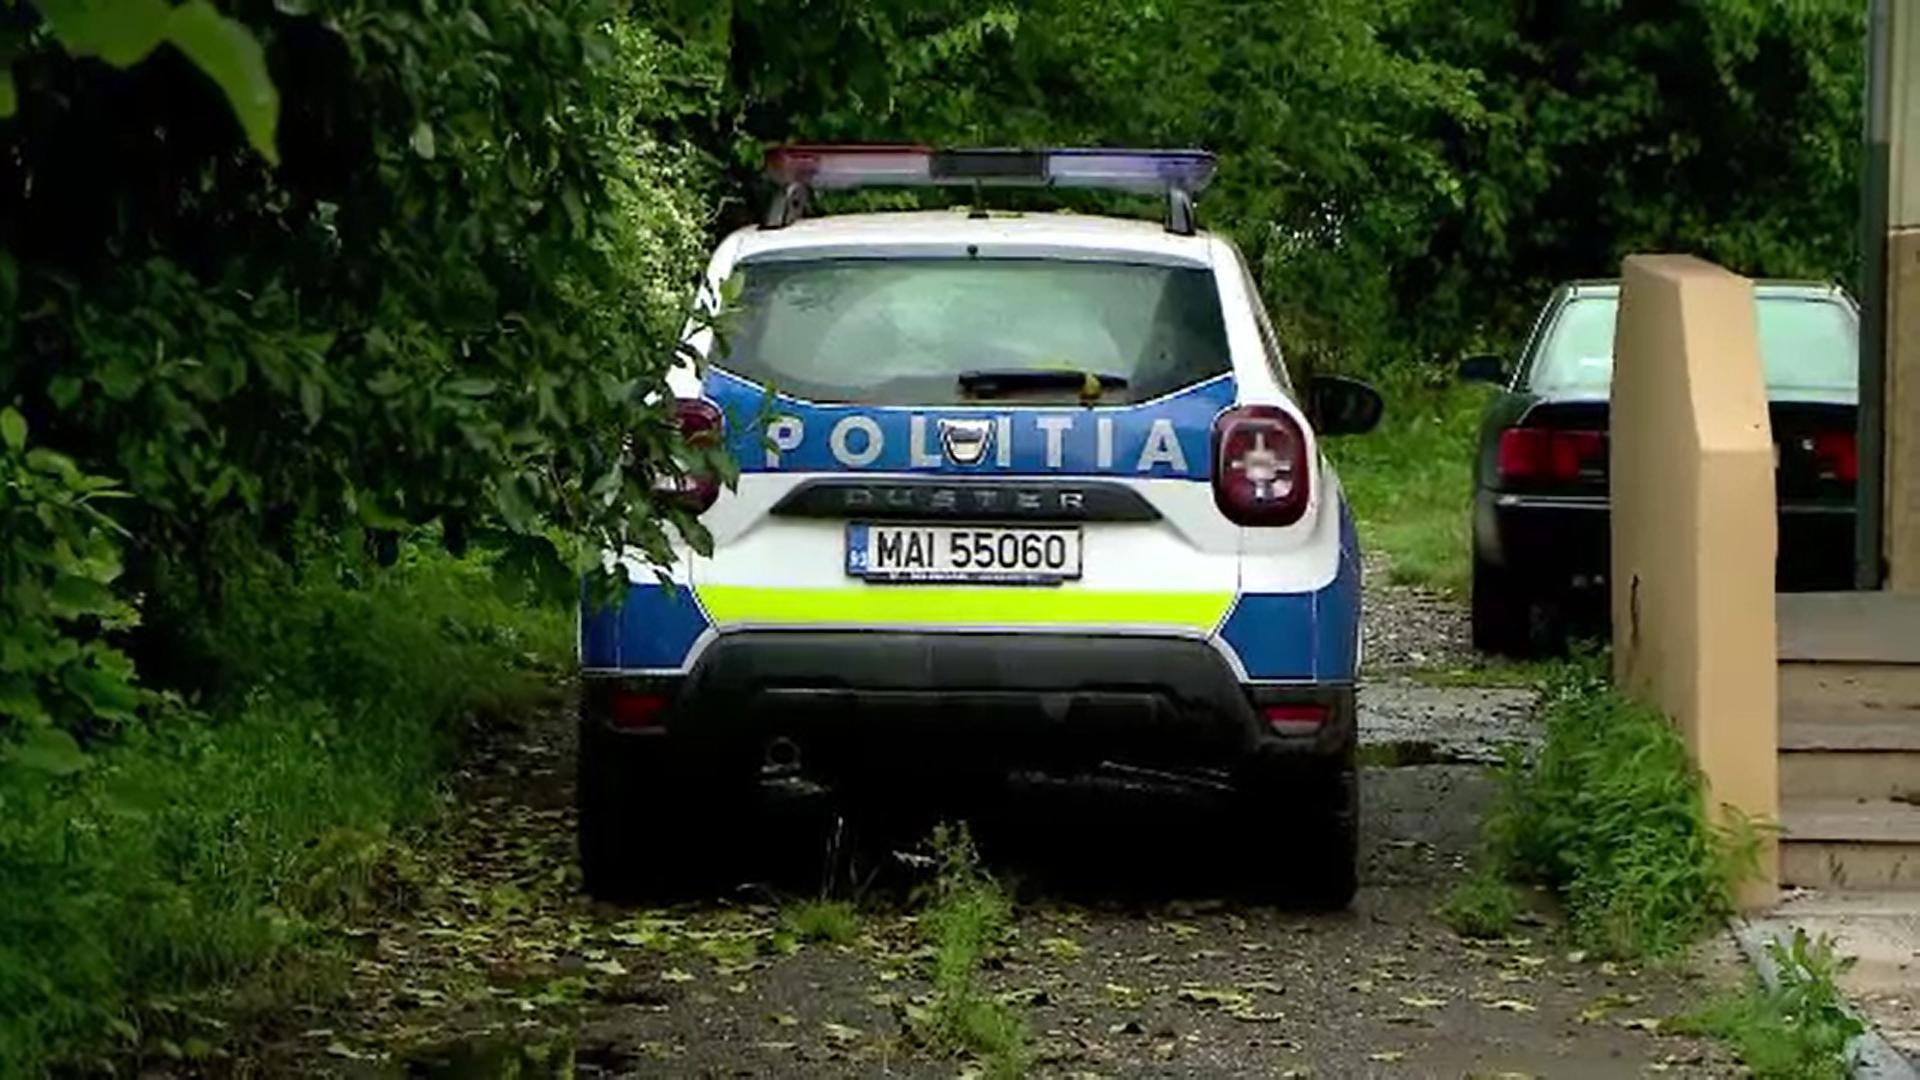 Un tânăr din Iași a intrat cu forța în casa unei femei de 65 de ani și a încercat să o violeze